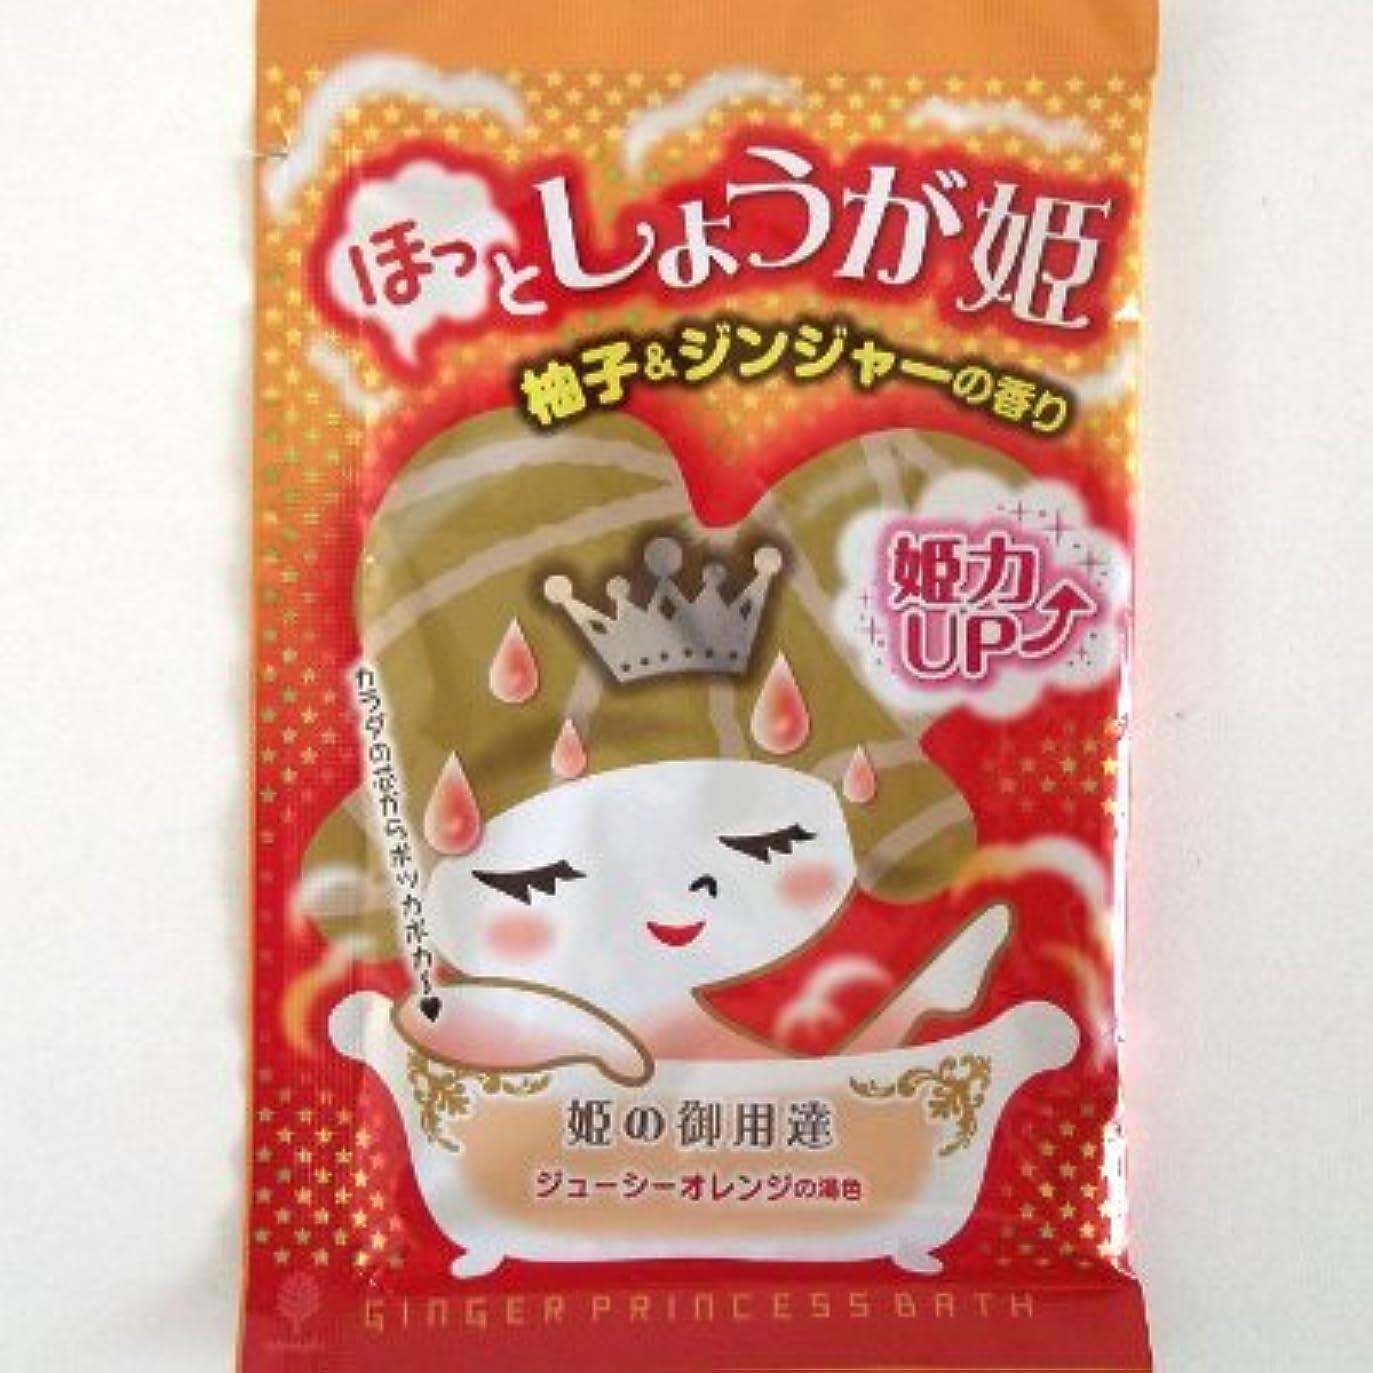 クリア同様の競合他社選手紀陽除虫菊 ほっとしょうが姫 柚子&ジンジャーの香り【まとめ買い12個セット】 N-8400